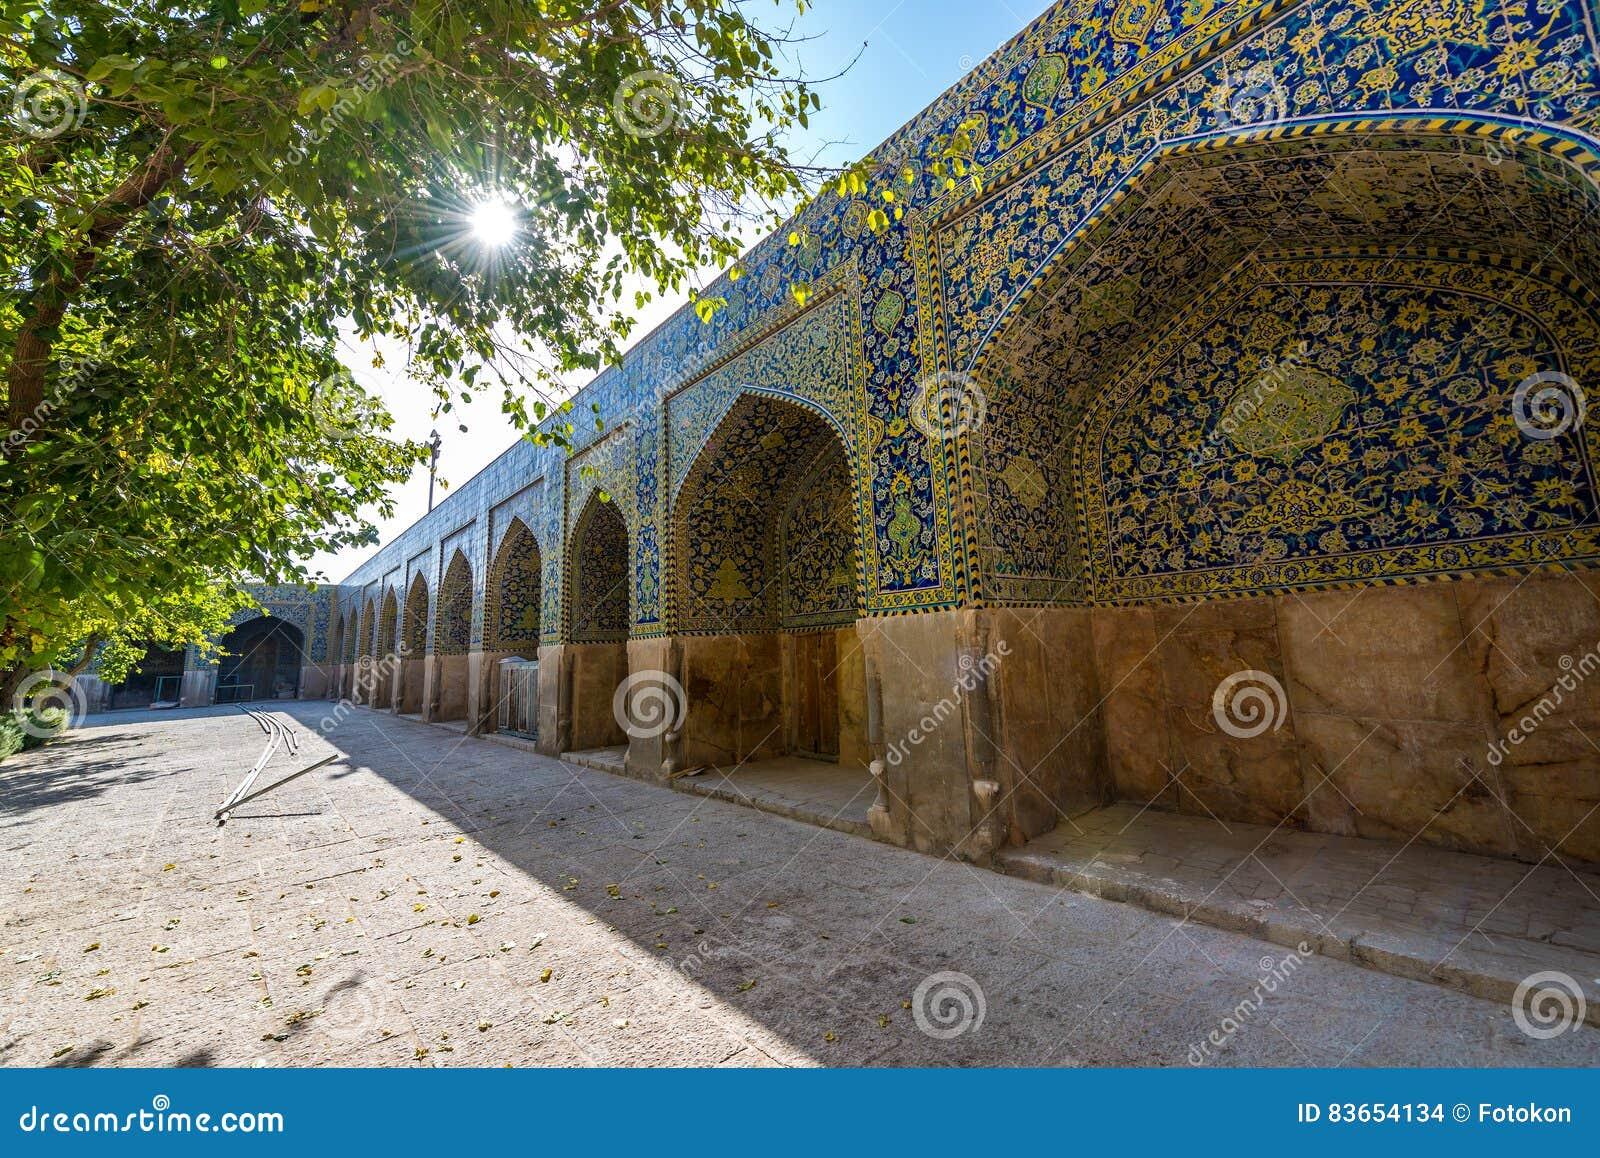 Ισφαχάν στο Ιράν